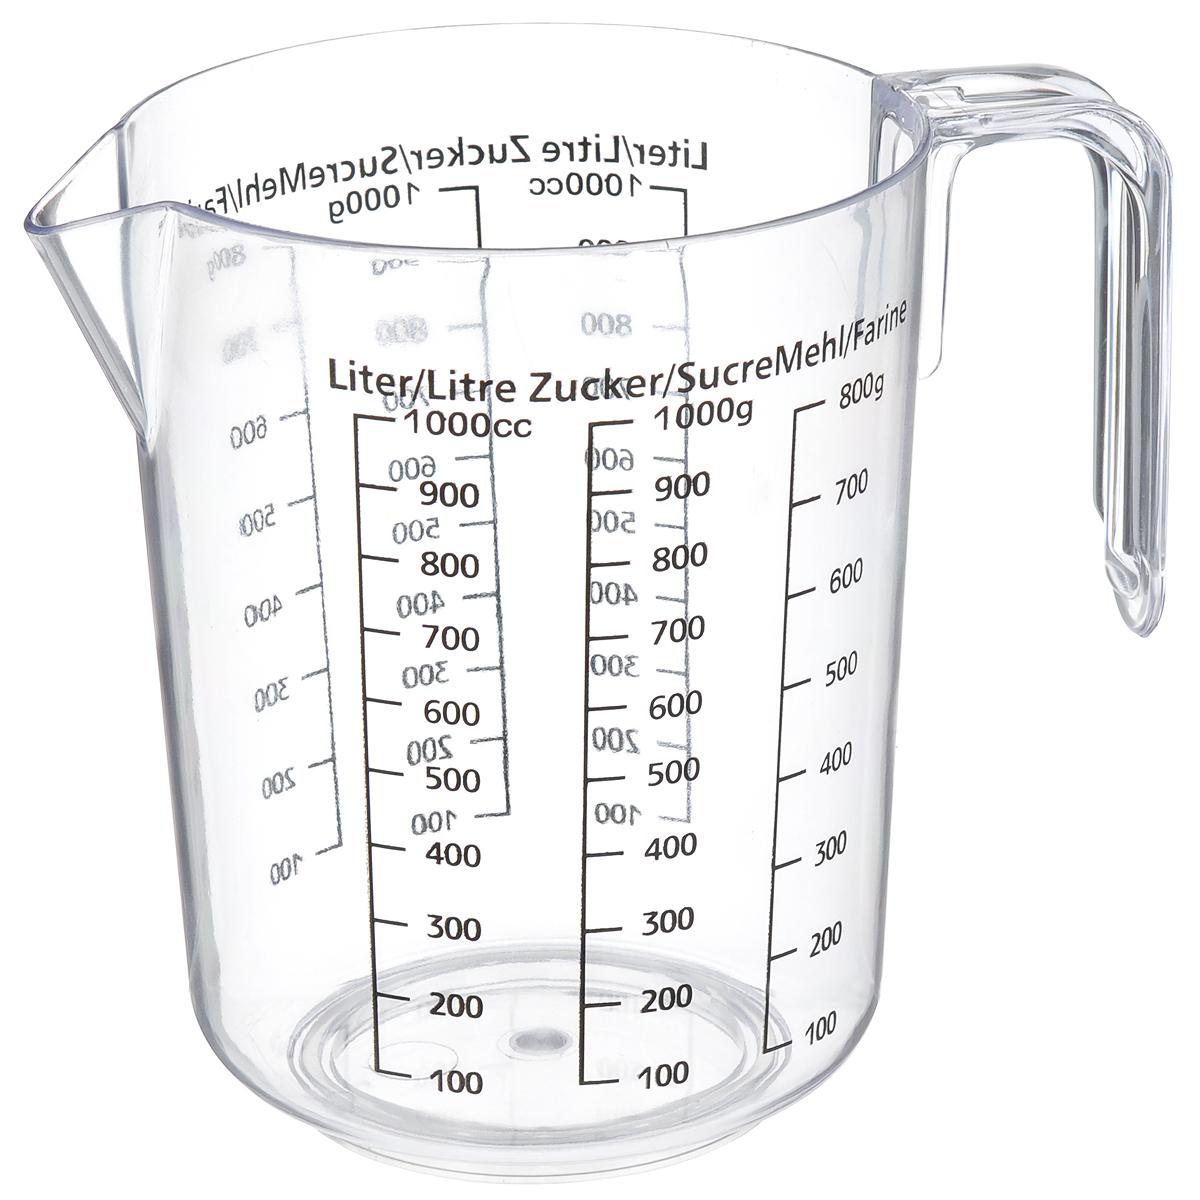 Кувшин мерный Fackelmann, 1 л42401Мерный прозрачный кувшин пригодится на каждой кухне, ведь зачастую приготовление некоторых блюд требует известной точности. Данный кувшин позволяет мерить жидкости до 1 литра, сахар и разные сыпучие продукты. Кувшин можно использовать как чашу для взбивания продуктов. Можно использовать в посудомоечной машине. Объем кувшина: 1 л. Высота кувшина: 15 см. Диаметр кувшина (по верхнему краю): 12 см.